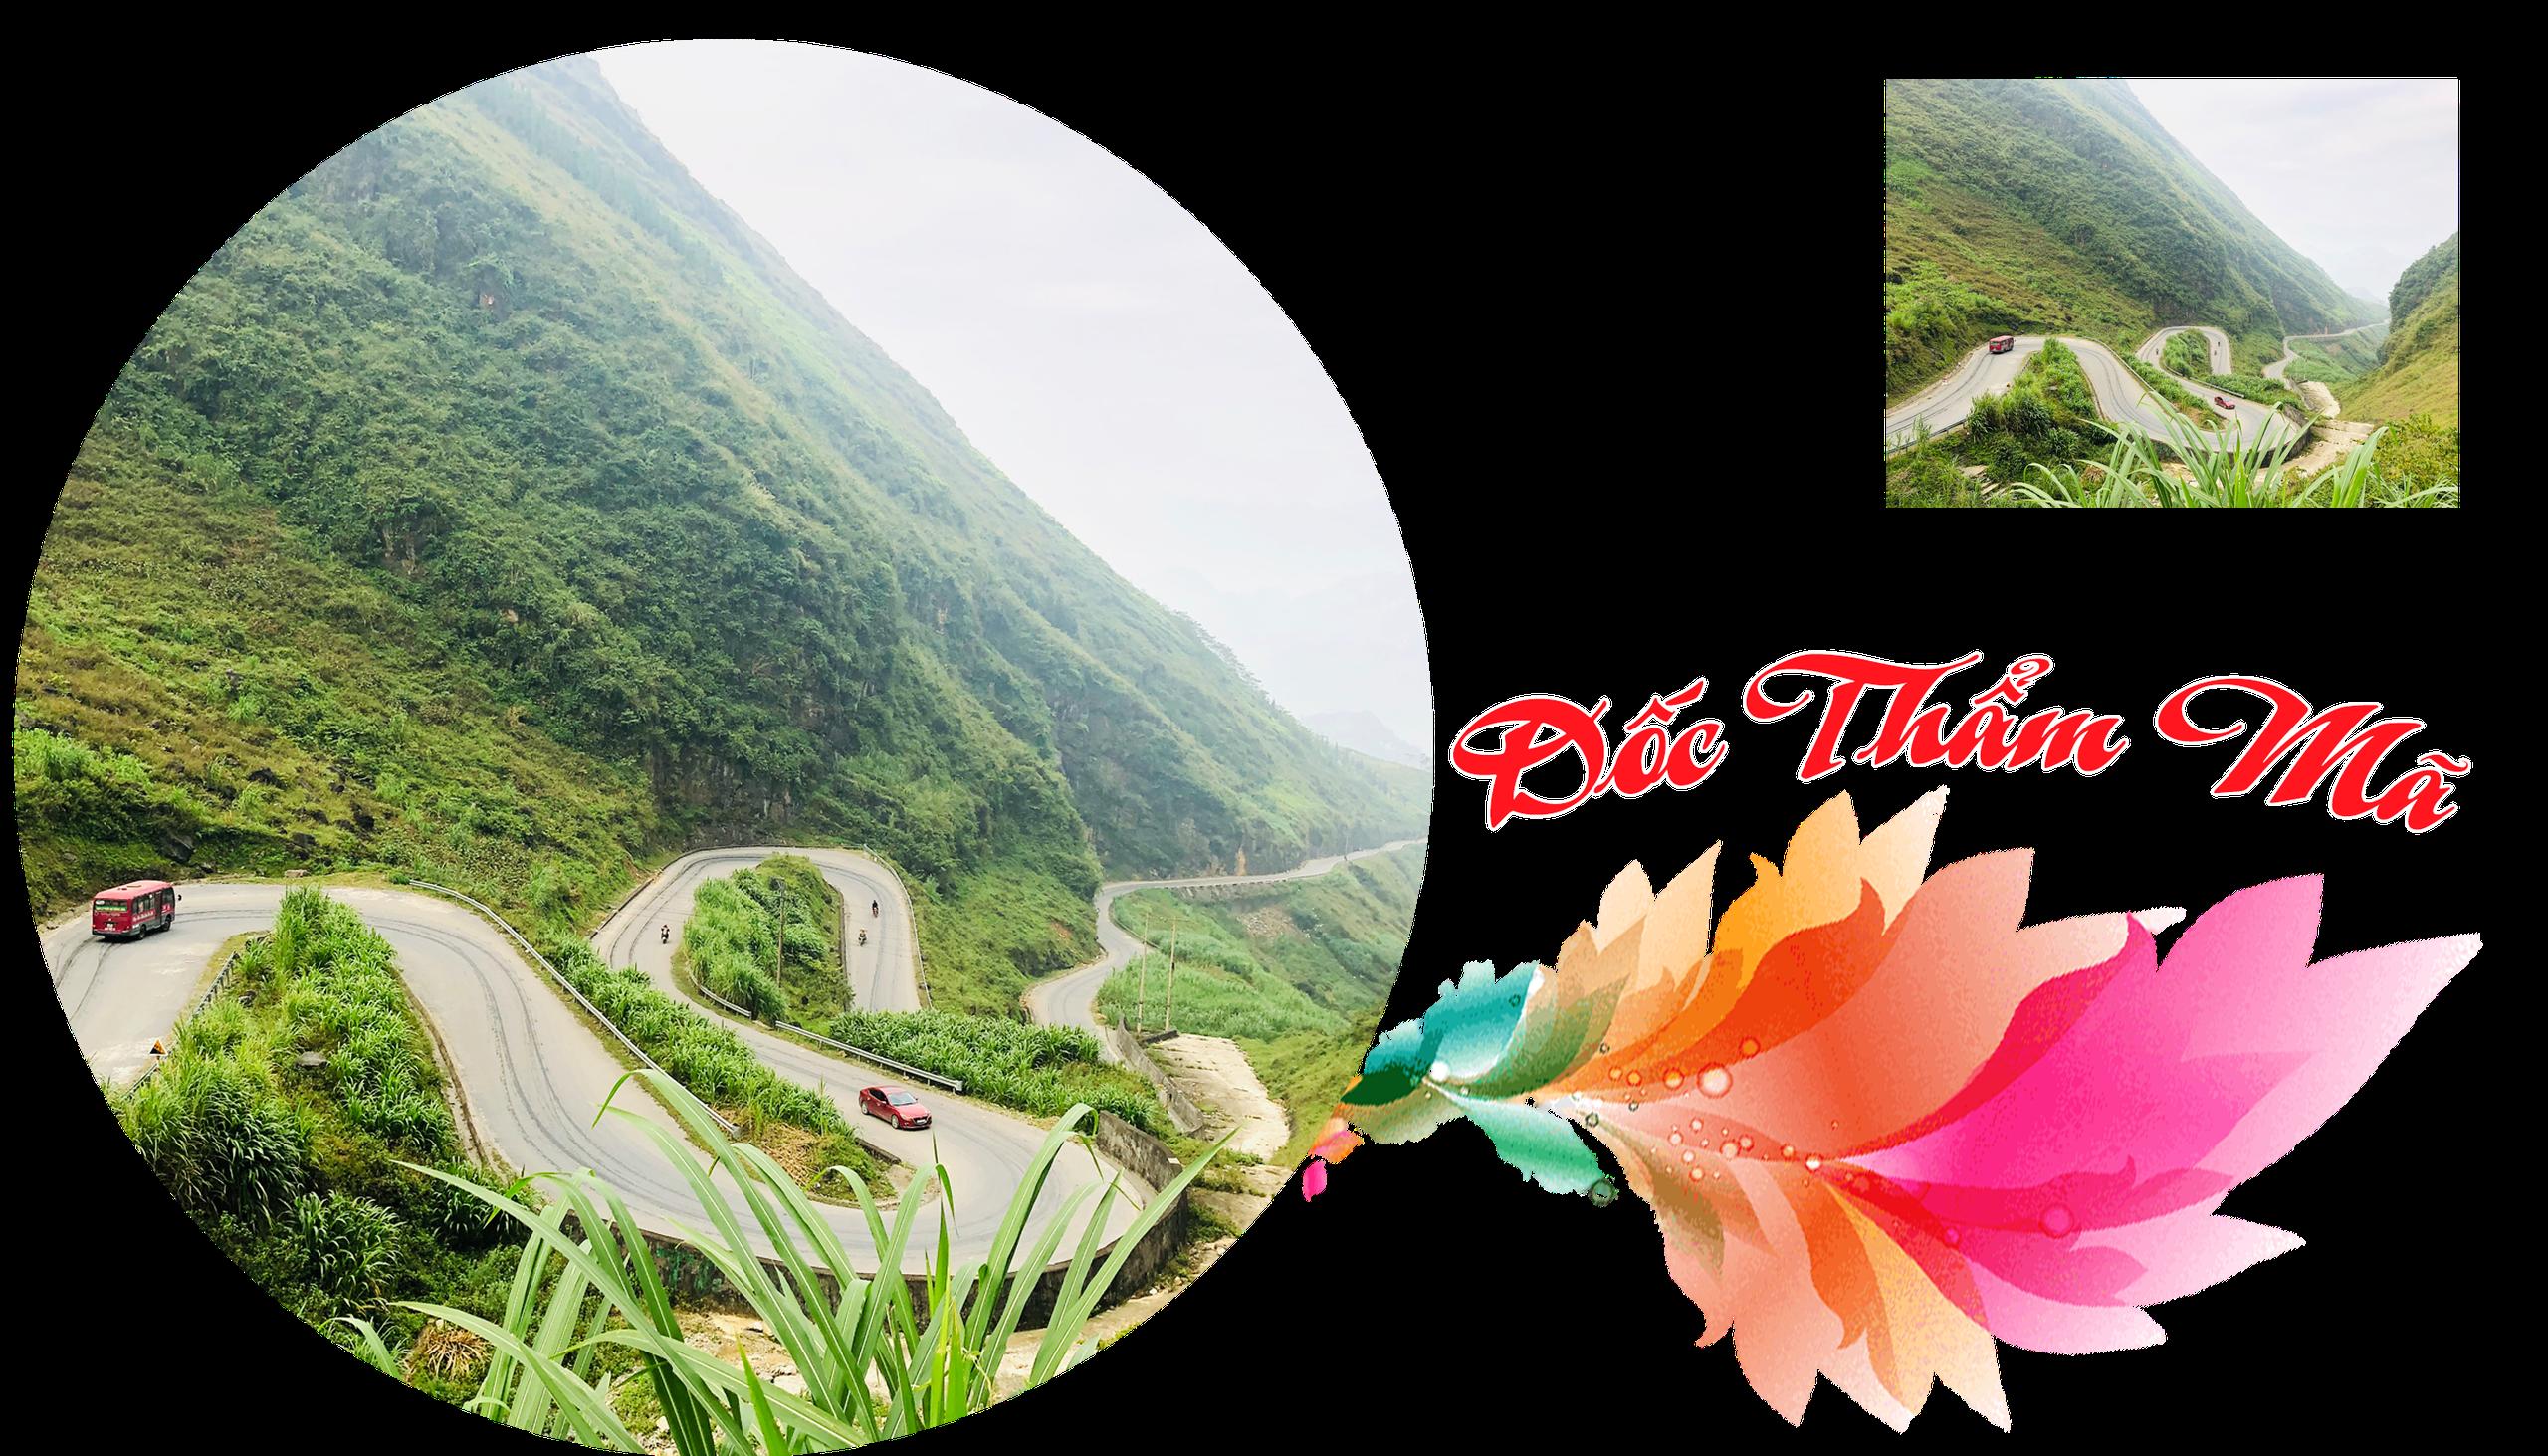 Hà Giang - Rong ruổi trên những cung đường - Ảnh 7.